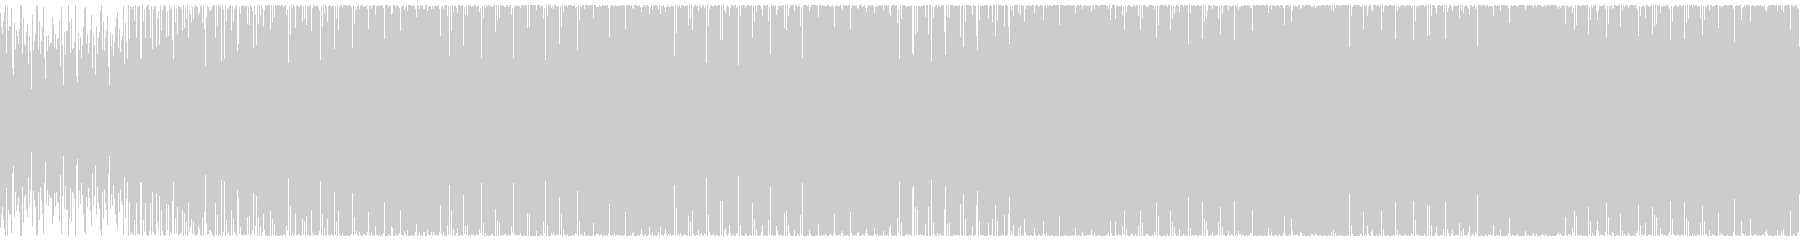 テクノ、無機質、癖になるループ素材の未再生の波形